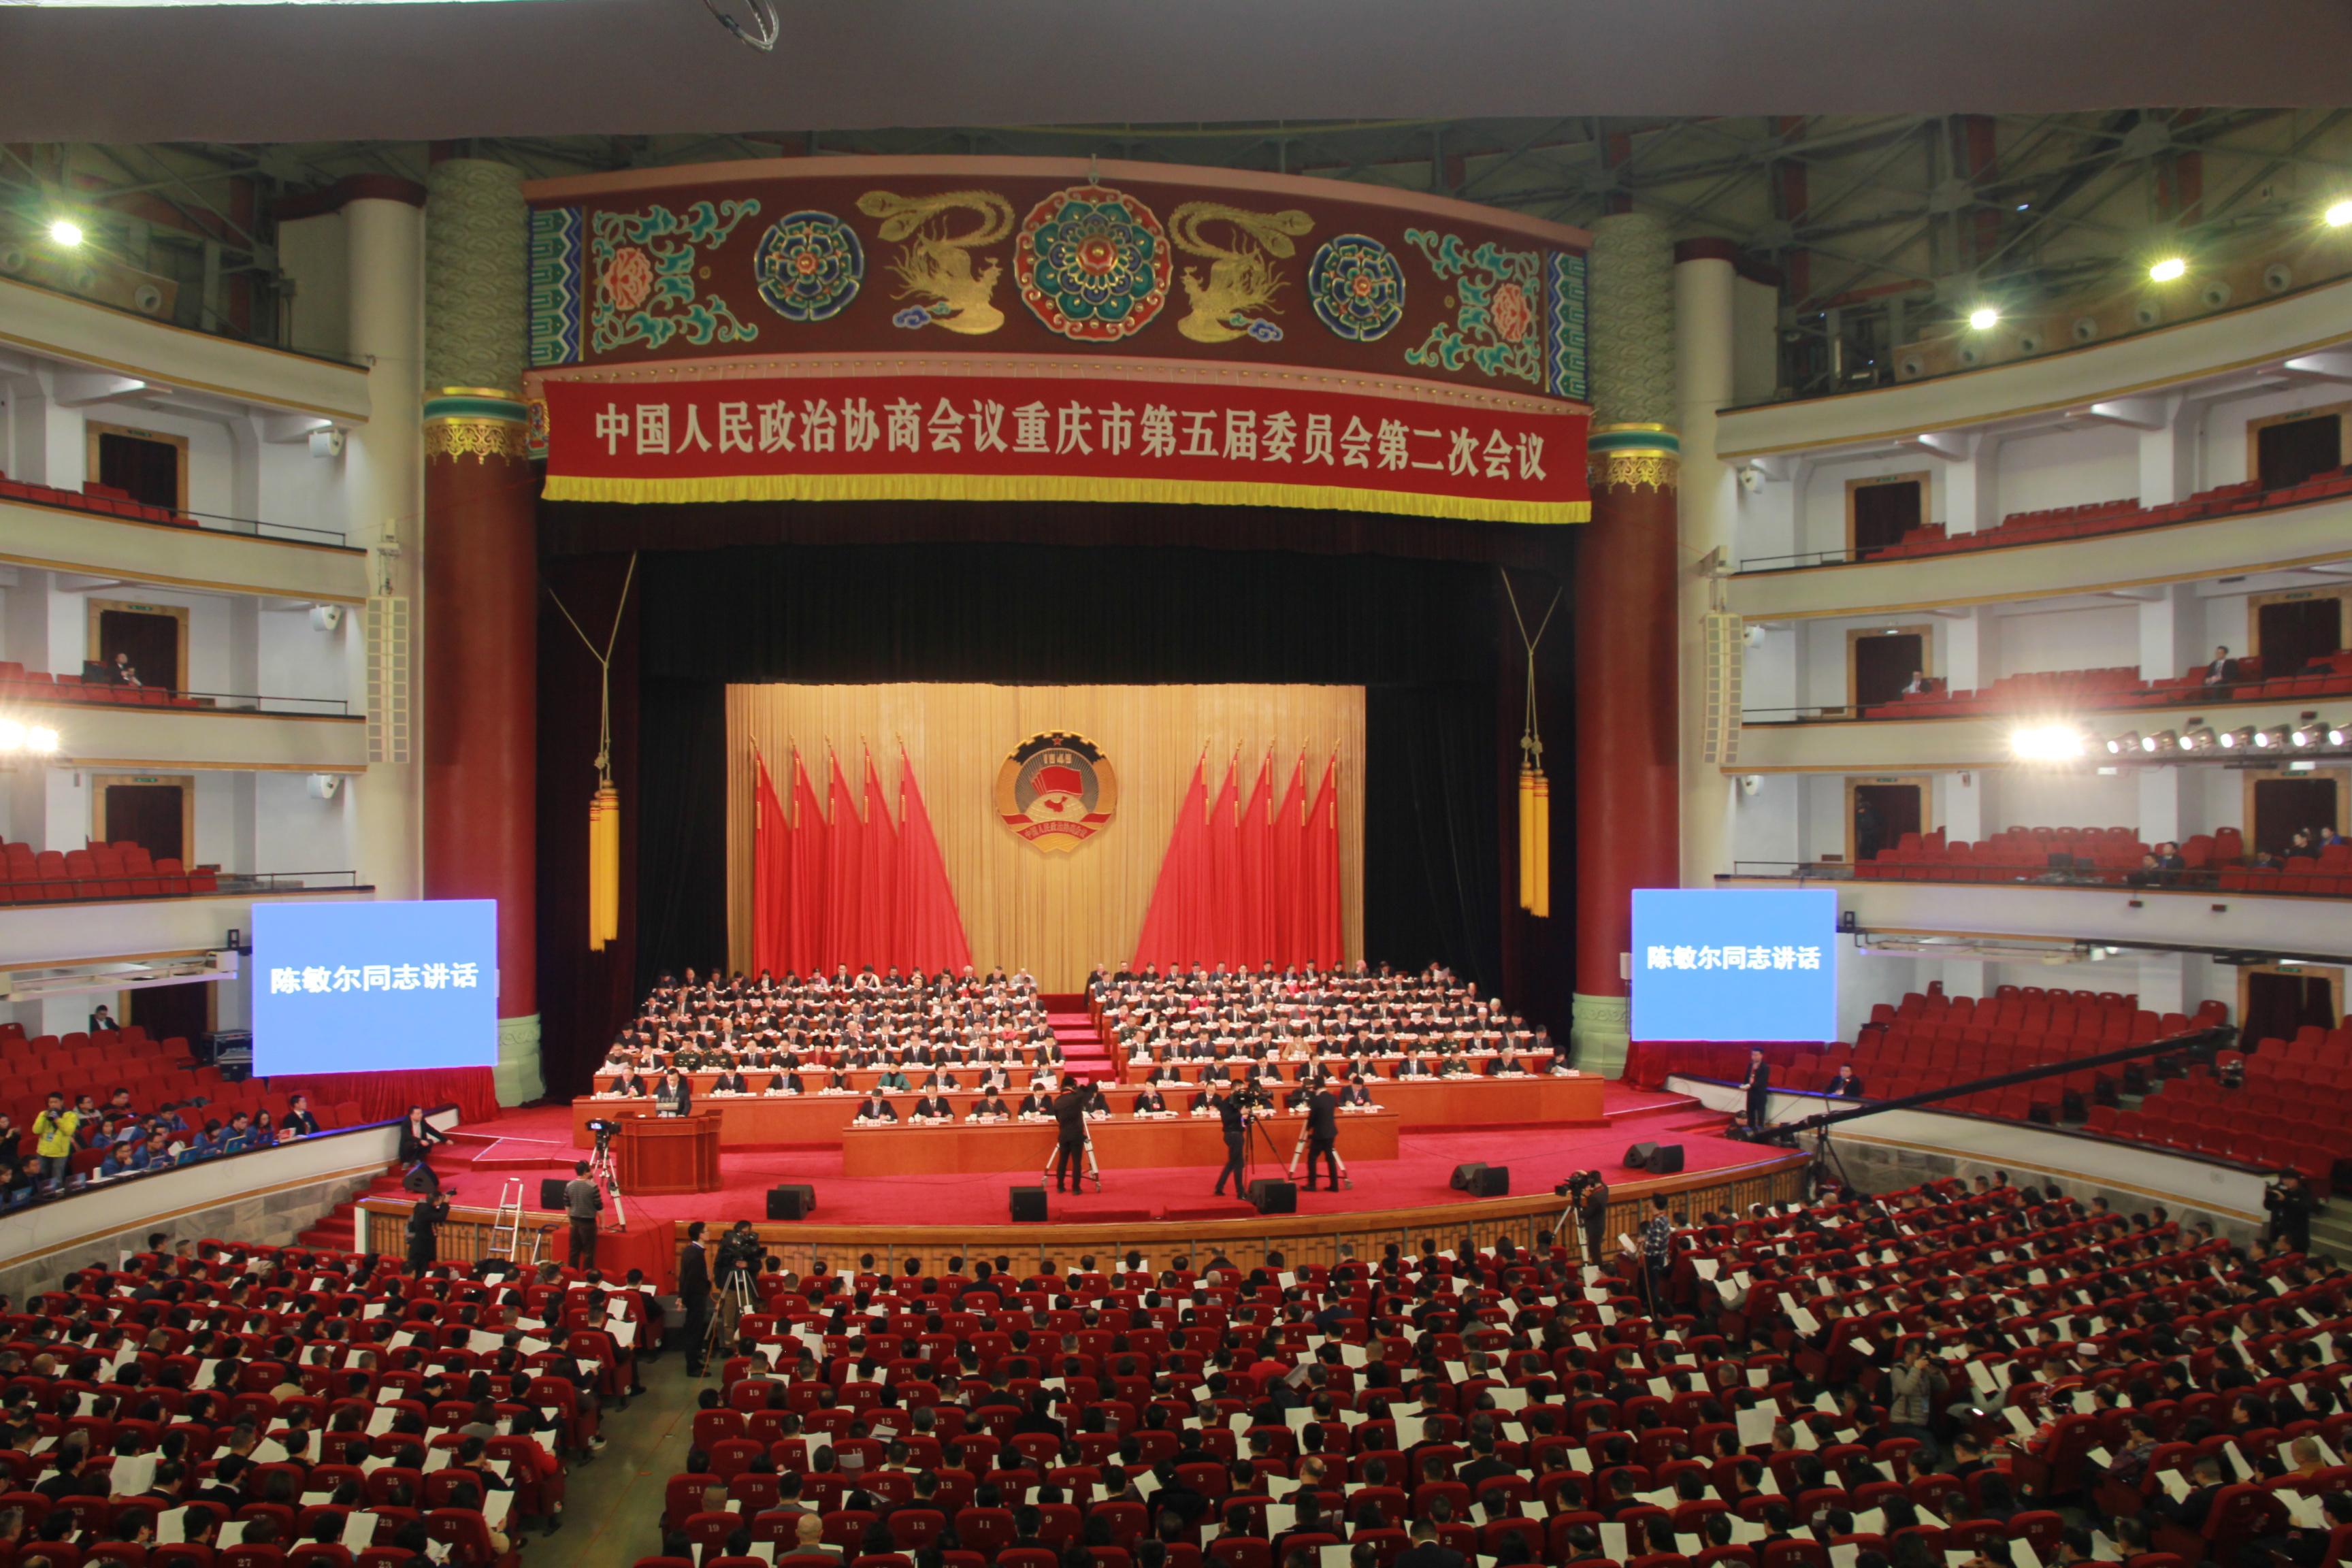 政协重庆市第五届委员会第二次会议开幕大会